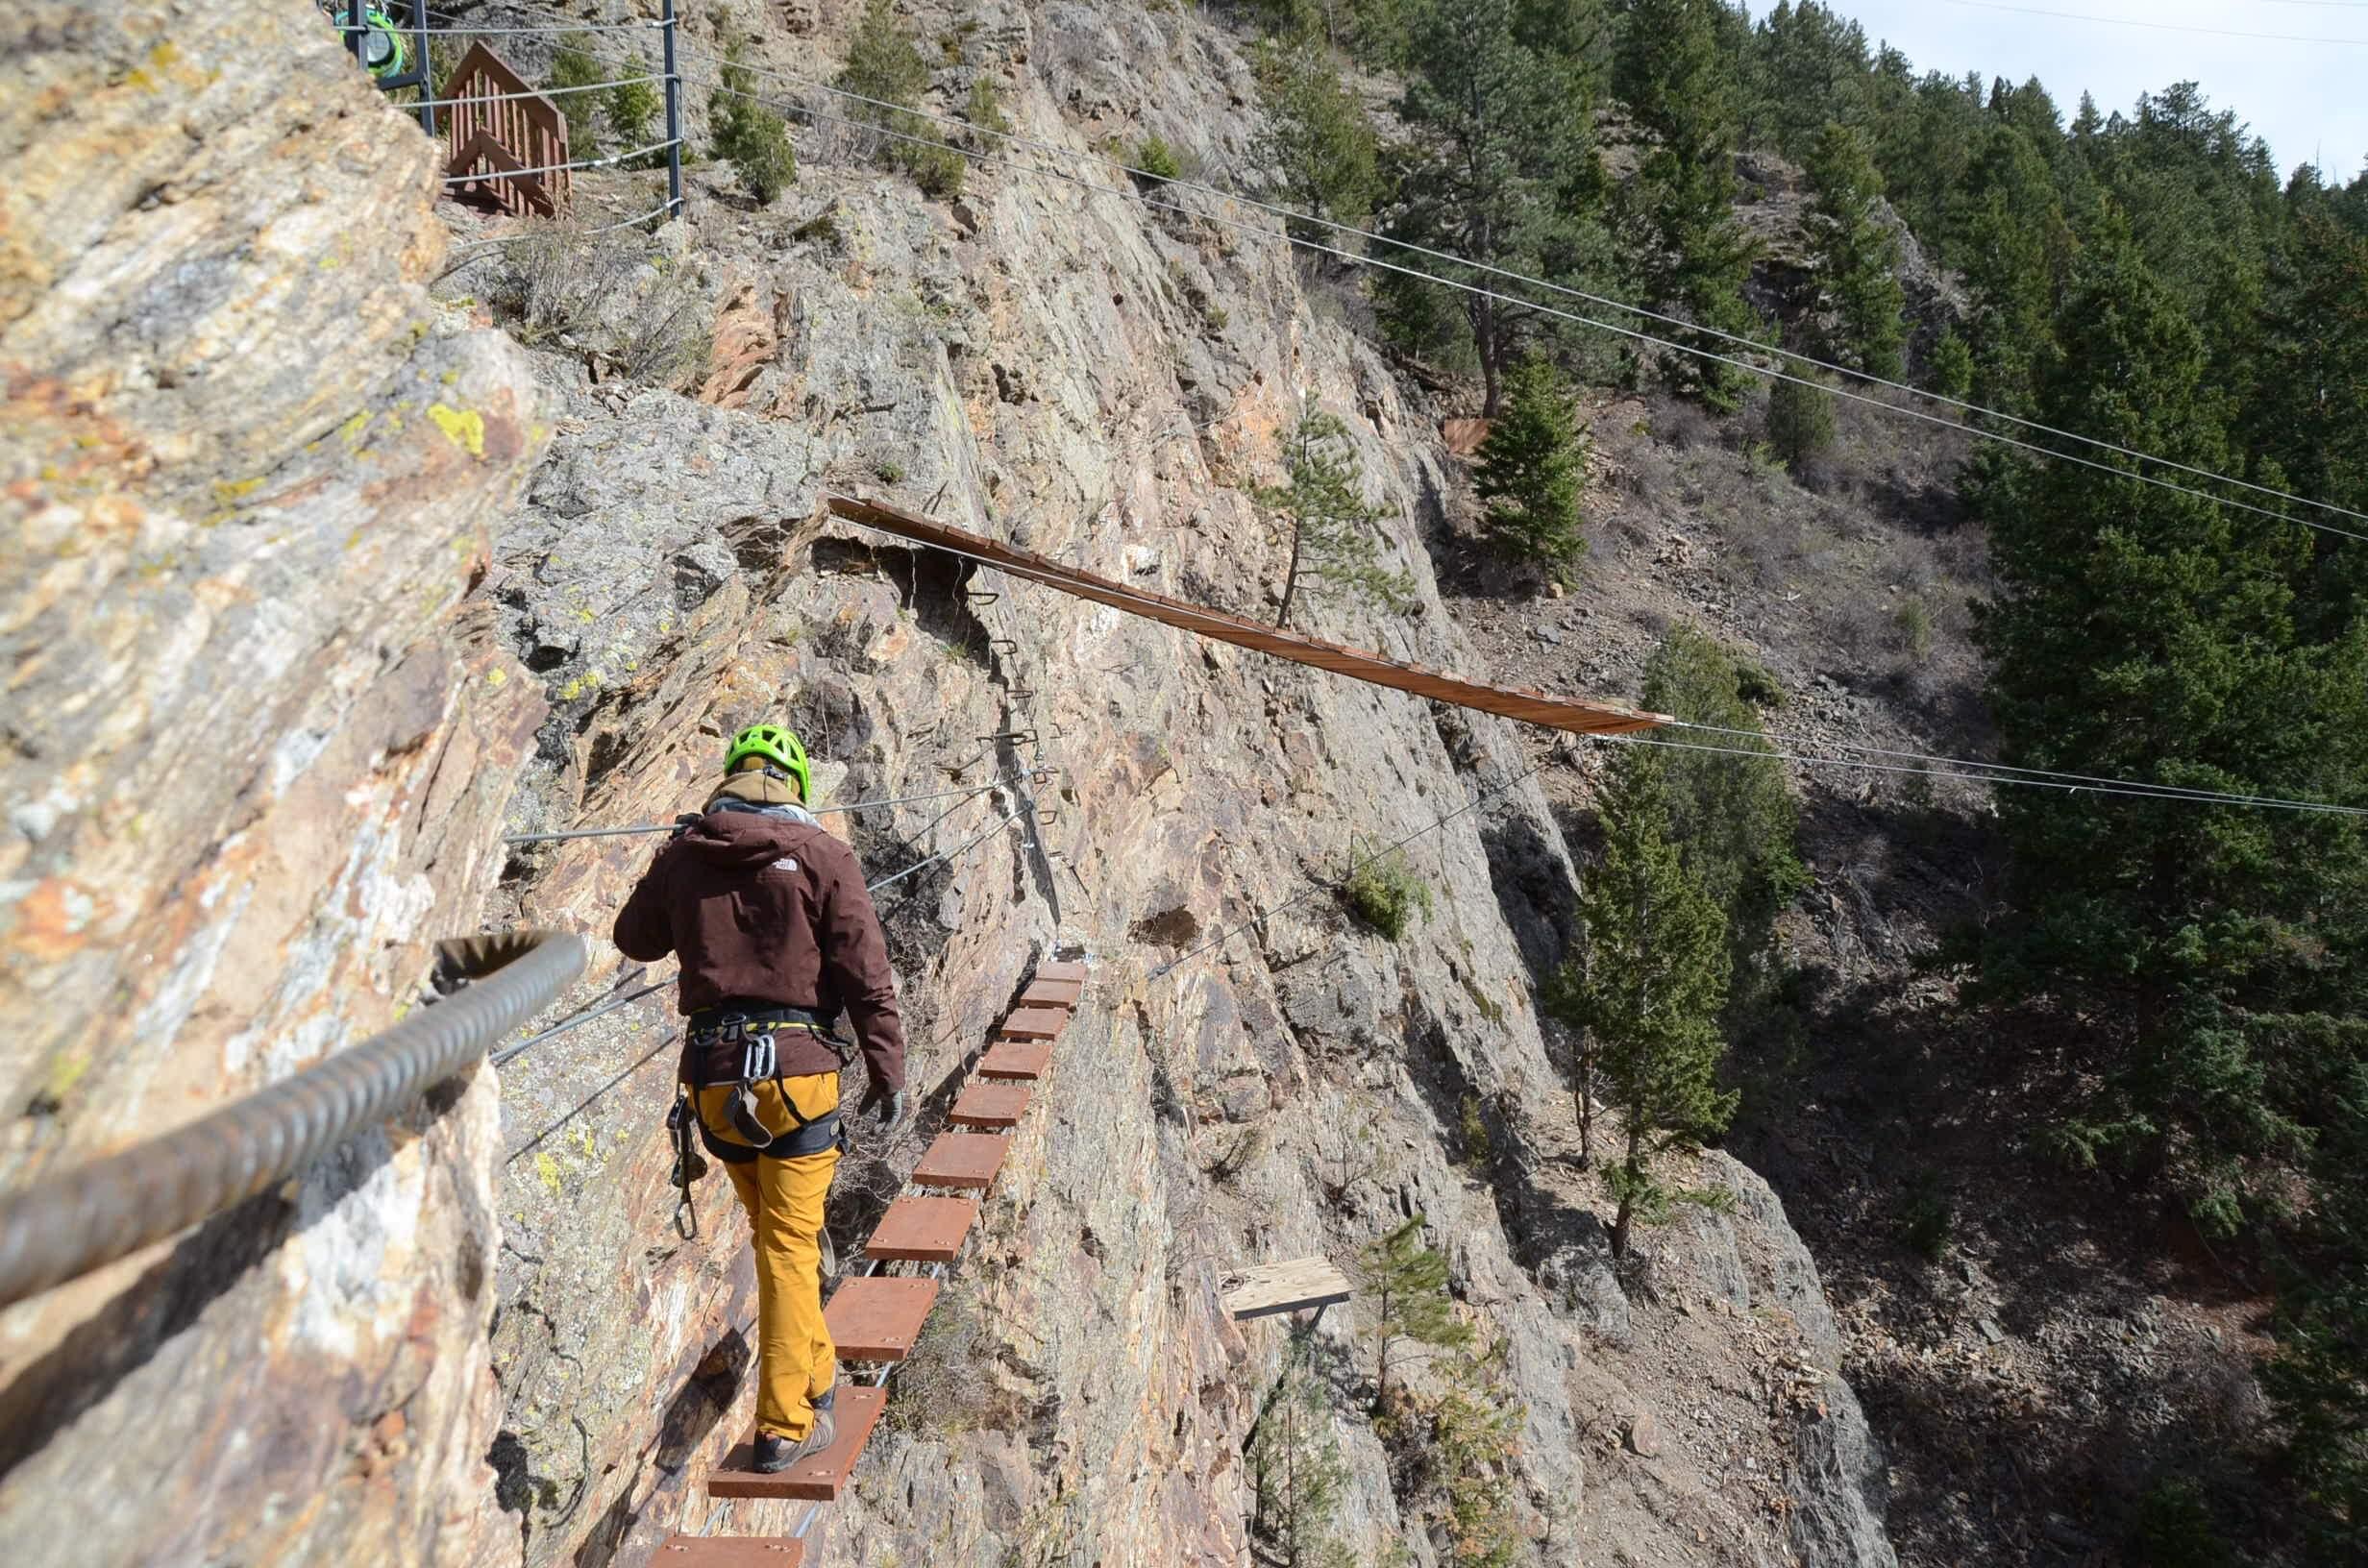 Colorado Via Ferrata